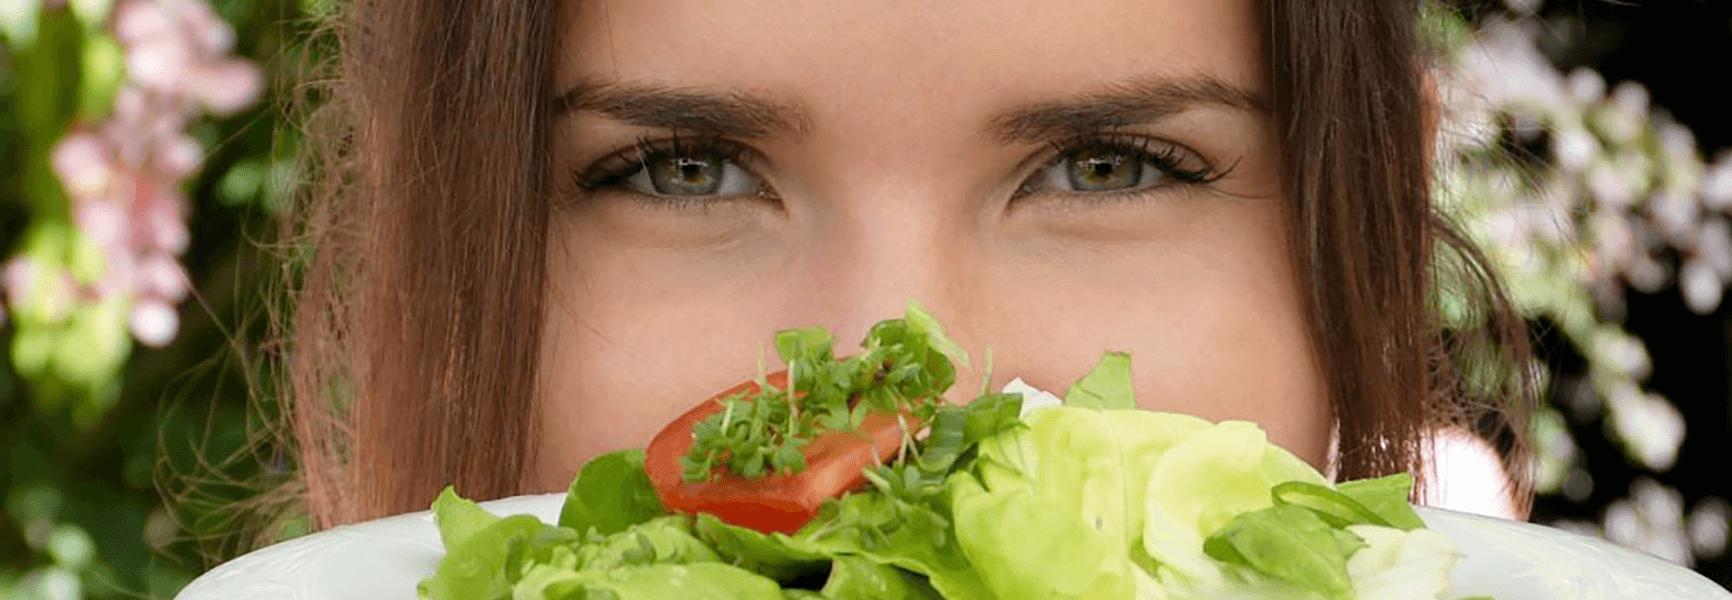 Ernaehrungsplan Abnehmen ohne Fleisch